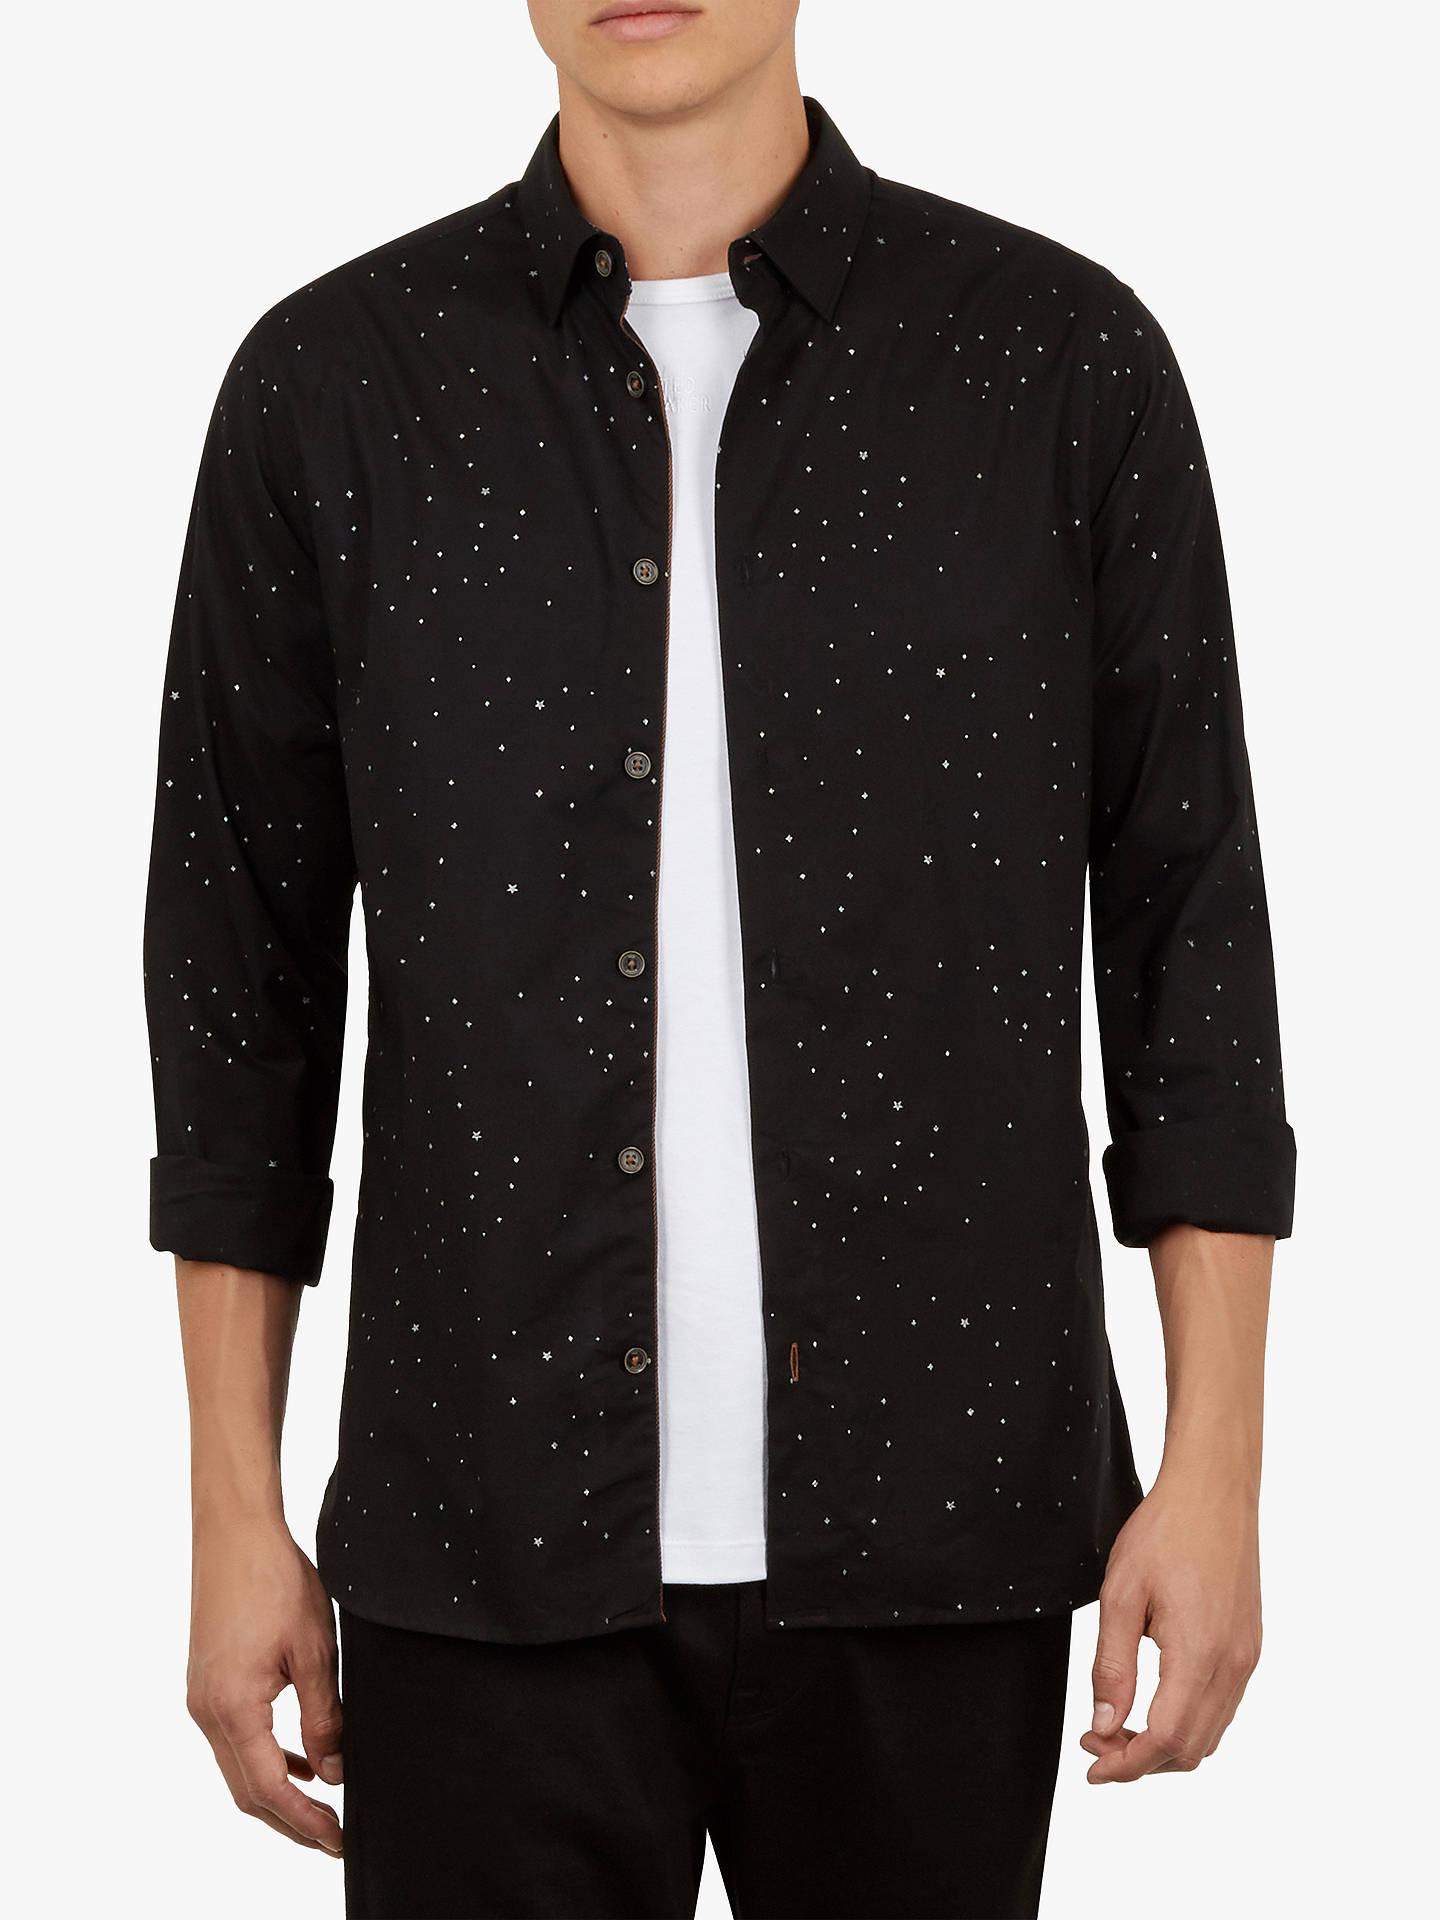 44827cafe1e Buy Ted Baker Nooley Star Print Shirt, Black, 16.5 Online at johnlewis.com  ...